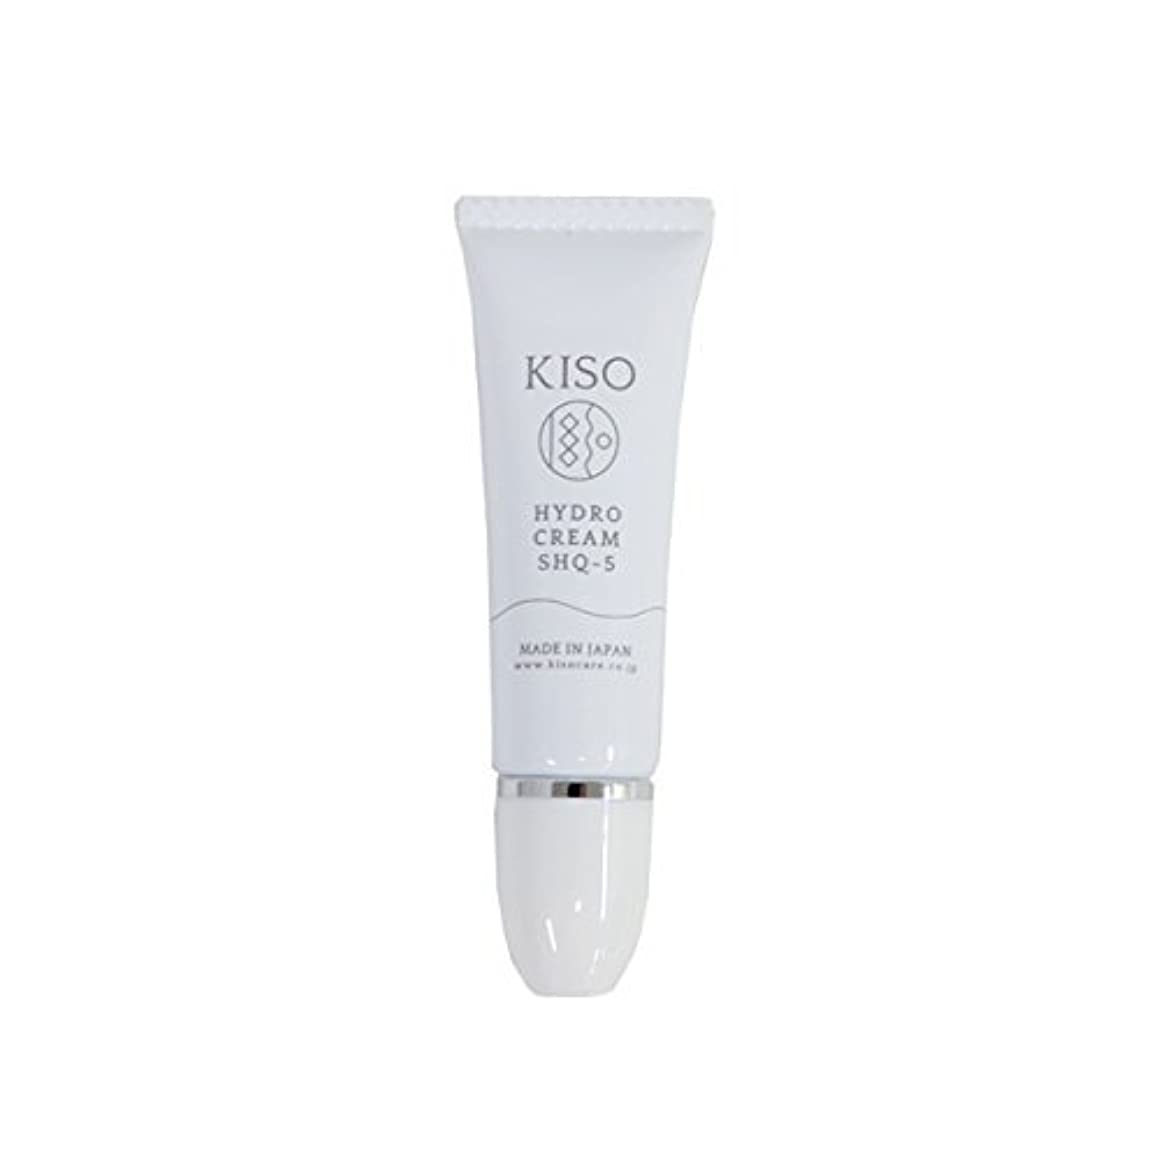 穿孔するまだスプリットKISO 安定型 ハイドロキノン 5%配合【ハイドロ クリーム SHQ-5 10g】スキンケアで肌を整えた後にちょこっとケア 日本製